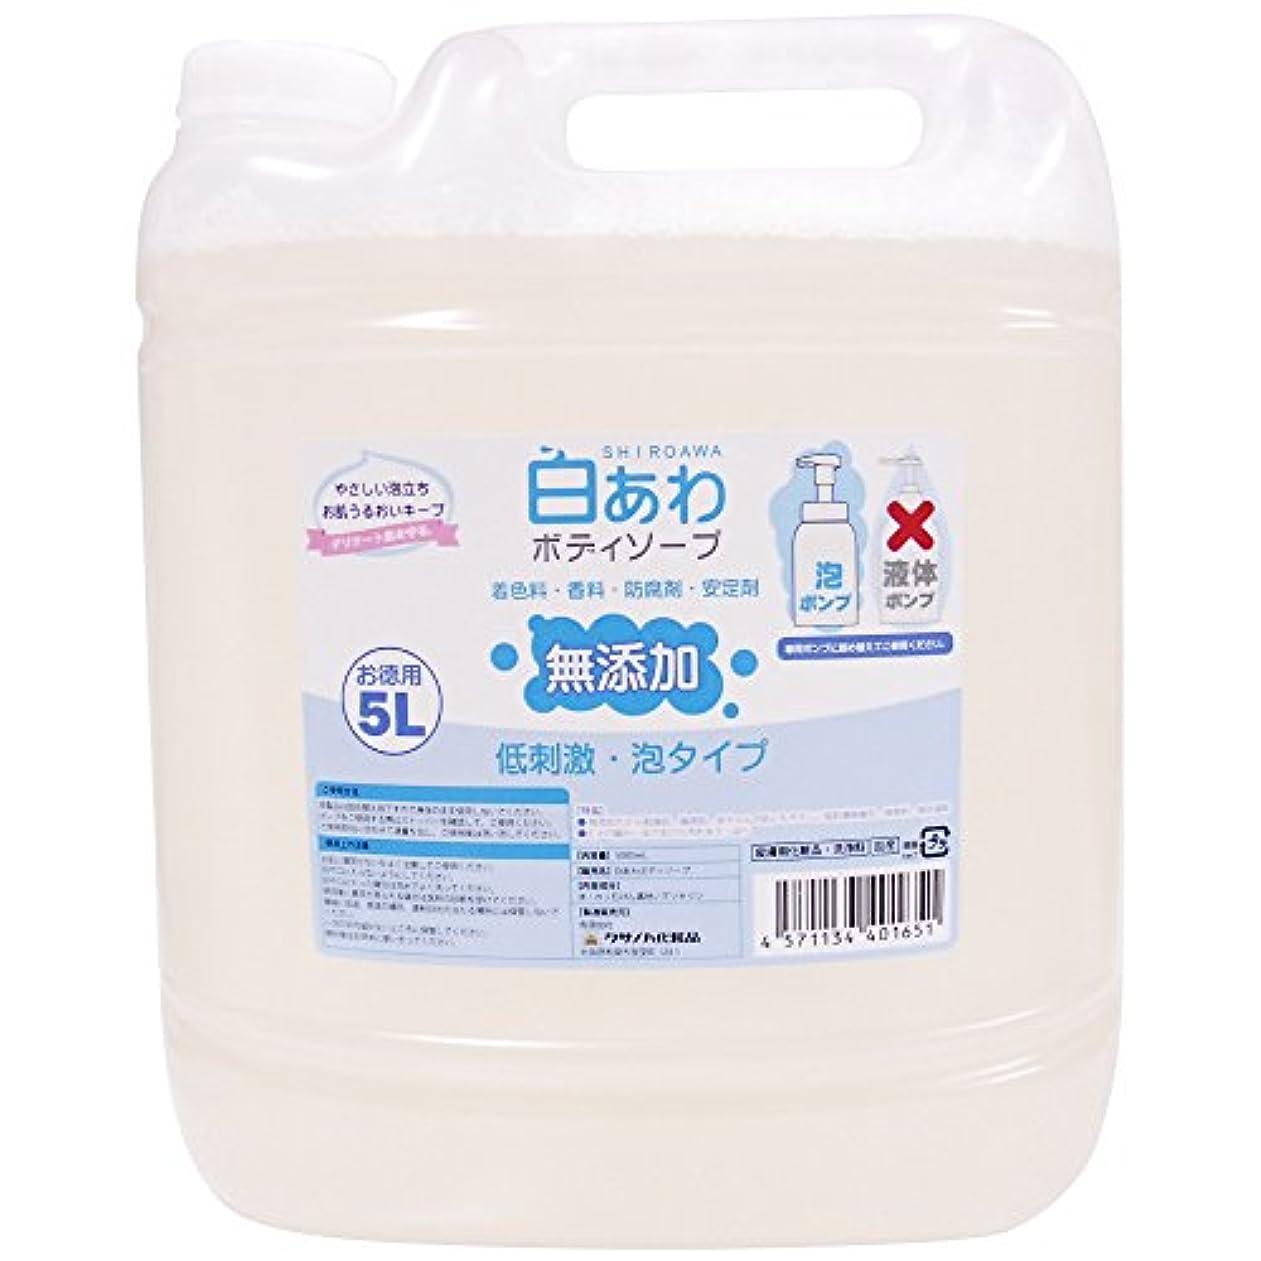 リスク切るアピール【無添加】白あわボディソープ 詰替用 5L